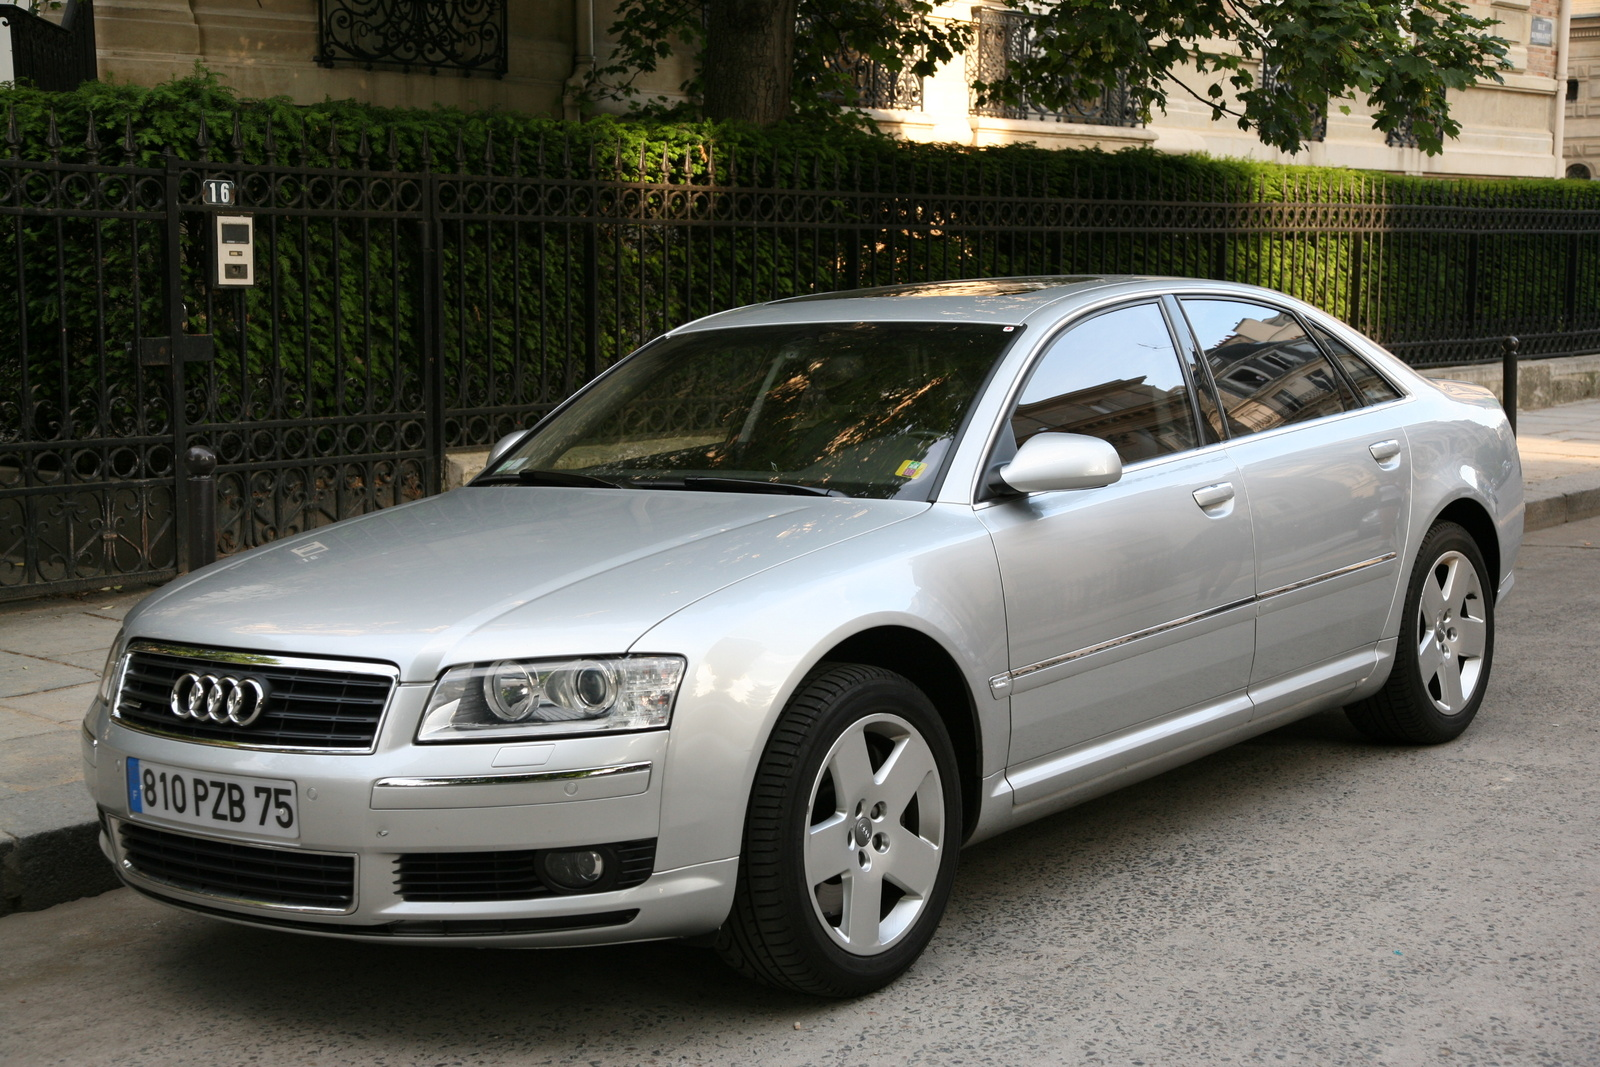 2004 Audi A8 - Pictures - CarGurus